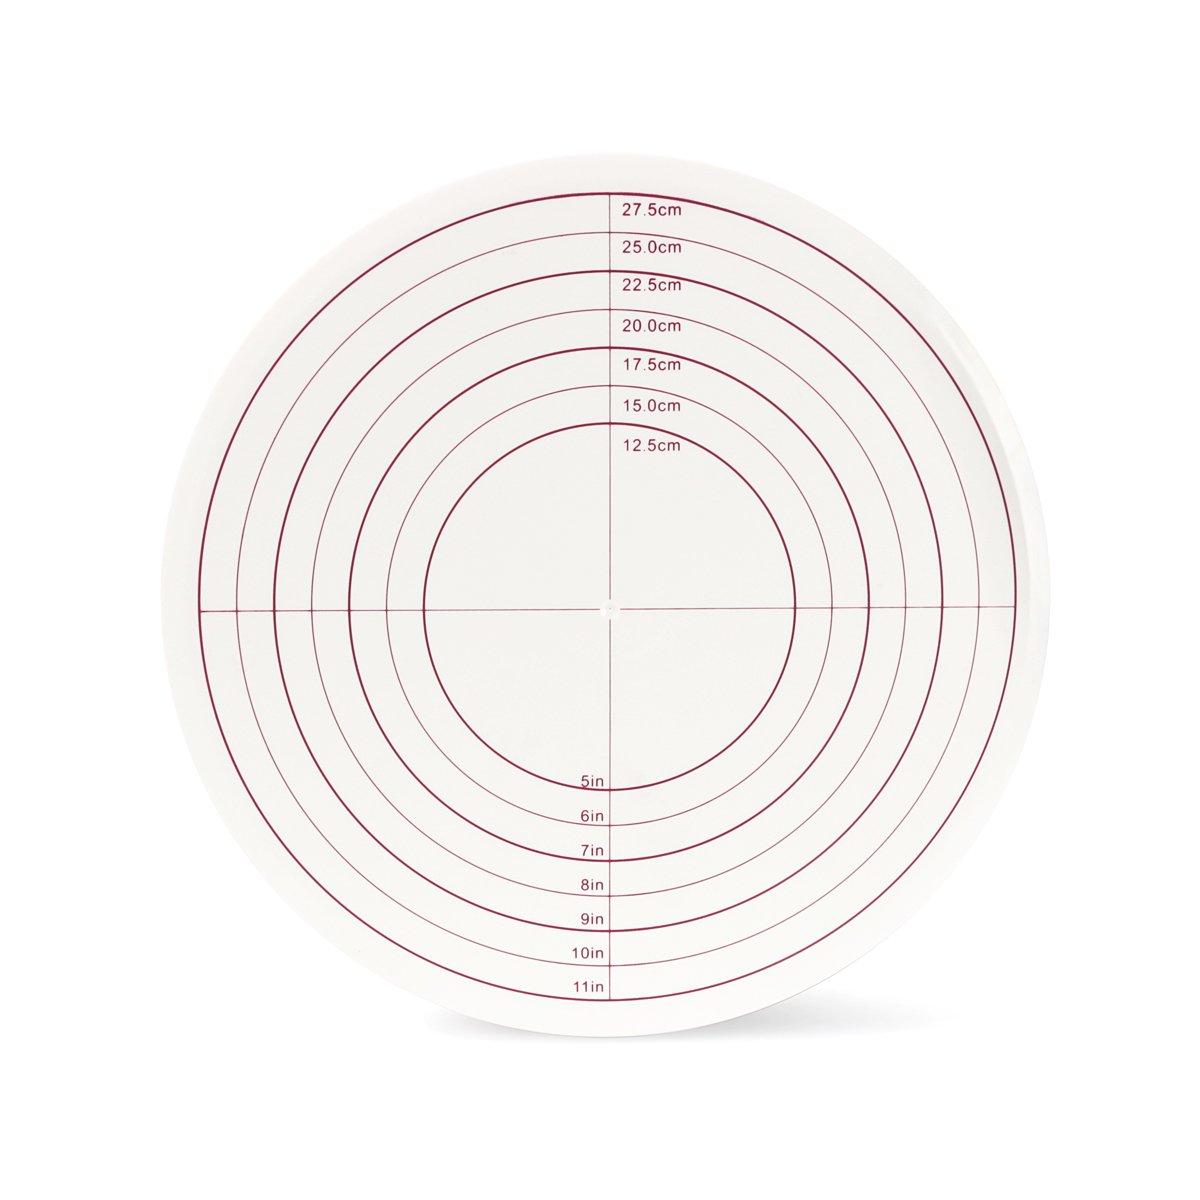 SveBake Tortenplatte Zuckerguss Mustern /Ø 30,5cm Tortenst/änder mit Lock Schalter und Skalenmarke Tortenst/änder drehbar f/ür Backen Geb/äck